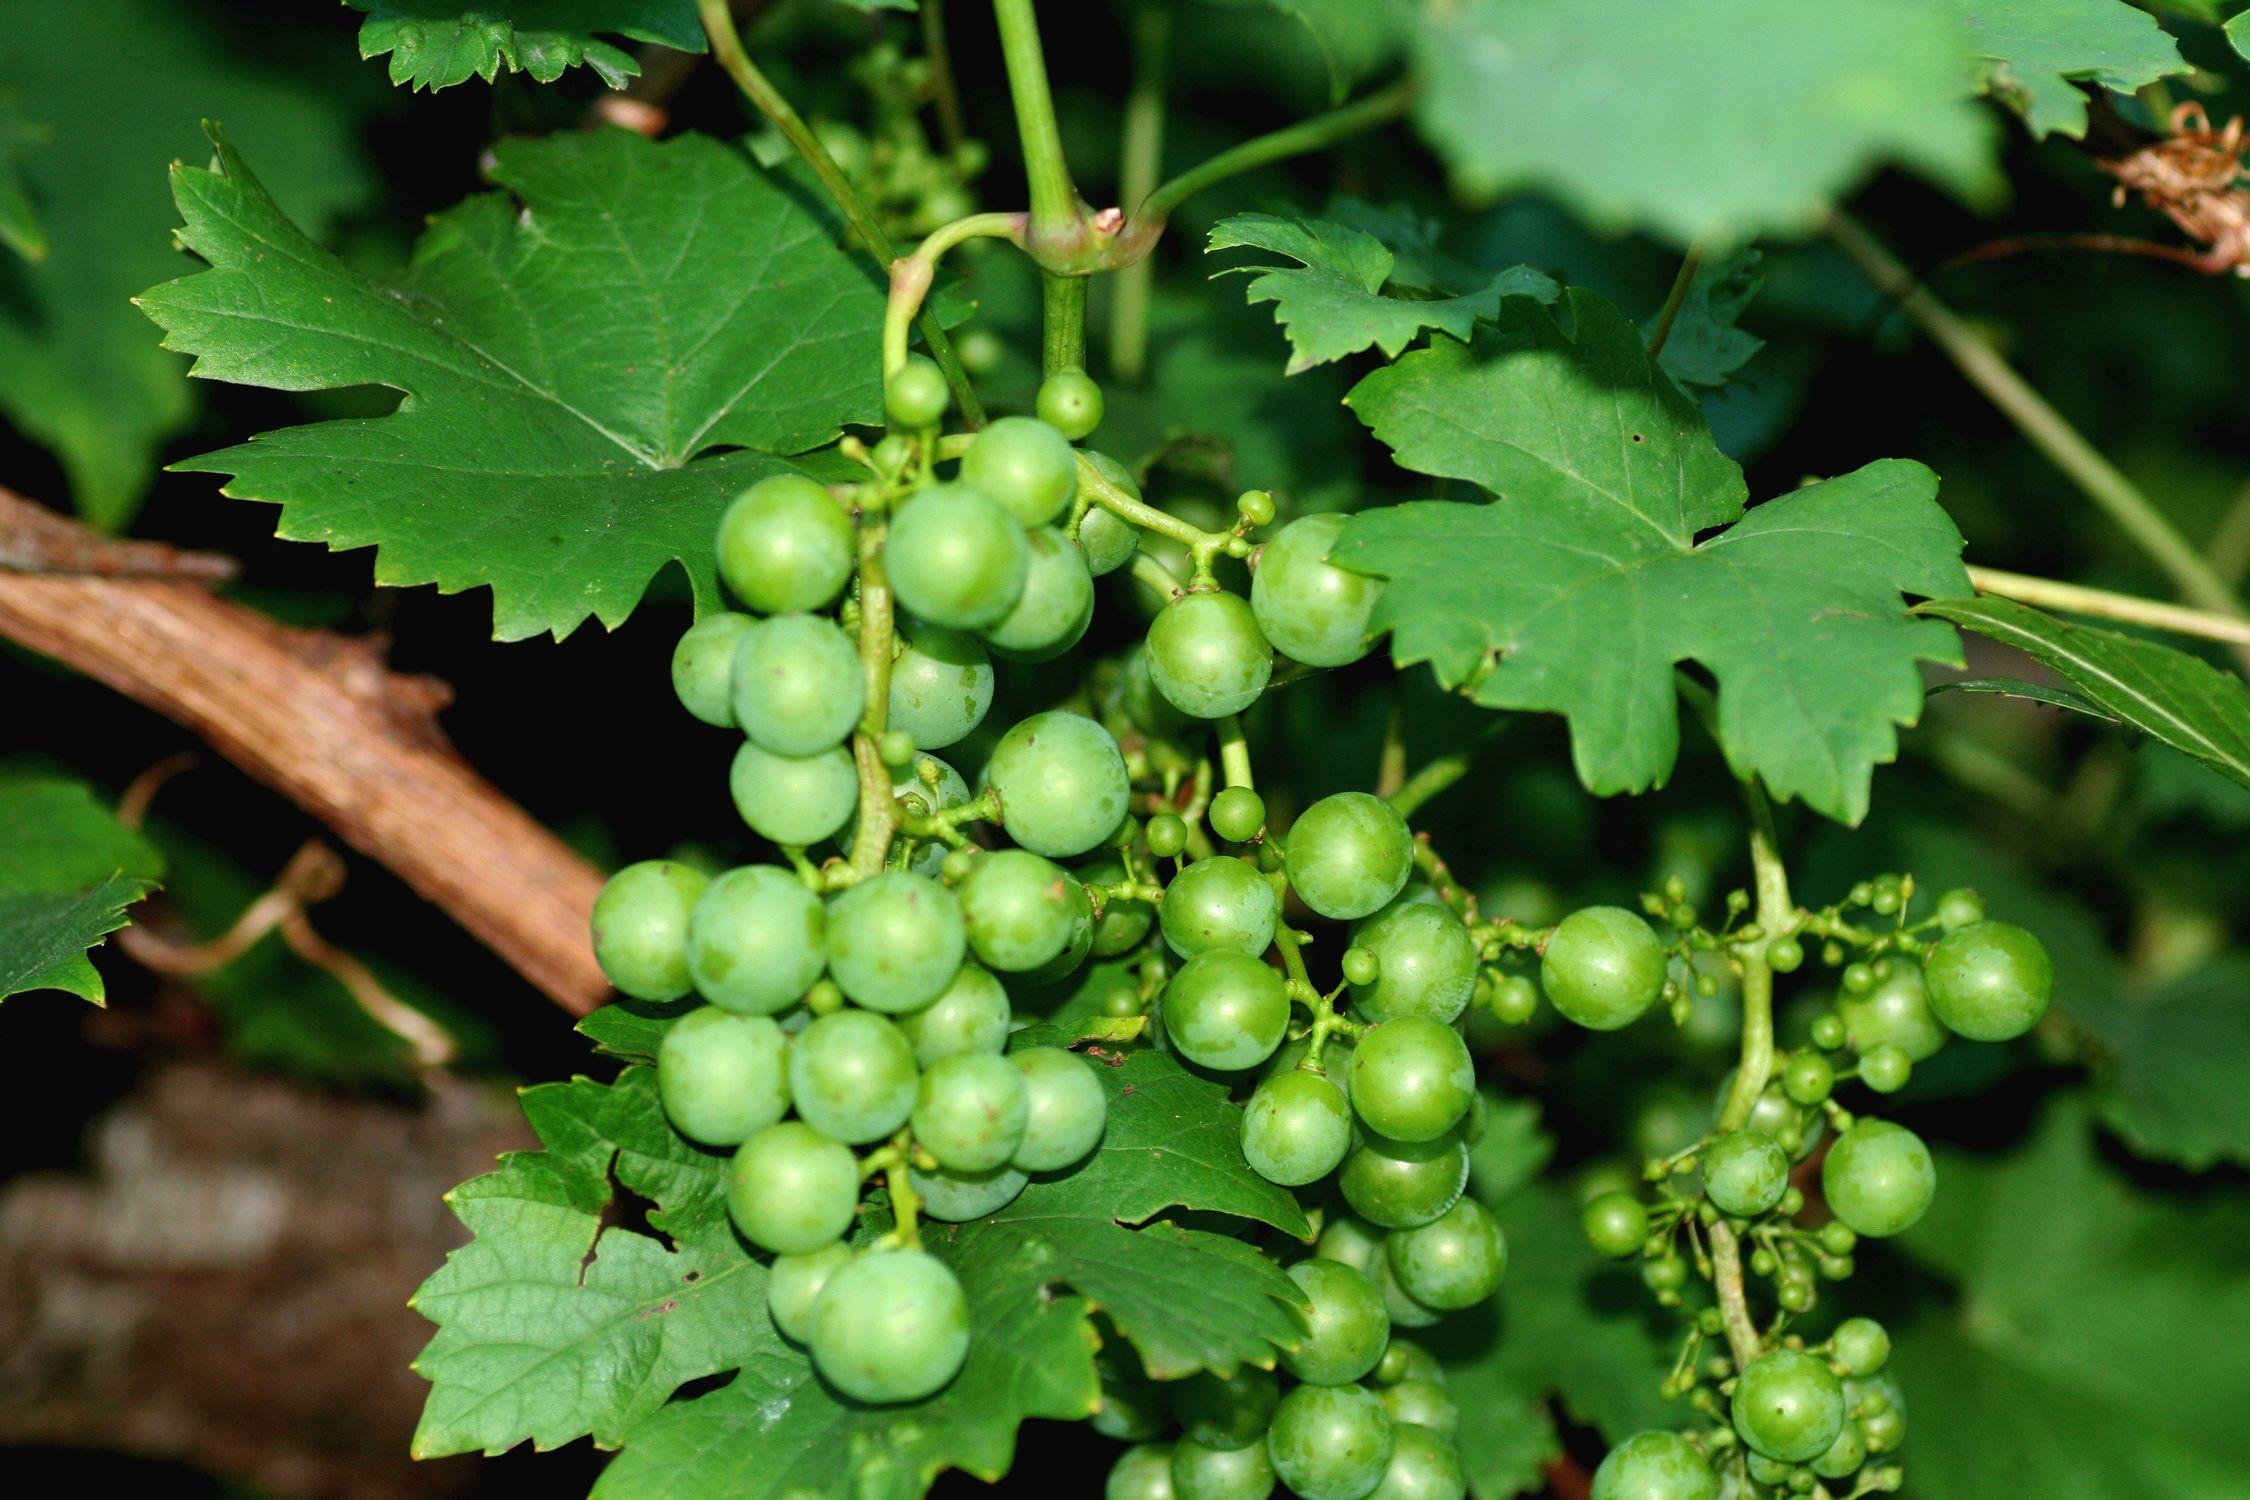 Bild mit Natur, Pflanzen, Früchte, Lebensmittel, Essen, Blumen, Trauben, Weinstöcke, Weinreben, Weintraube, Weintrauben, Traube, Weinbeere, Weinbeeren, Weinrebe